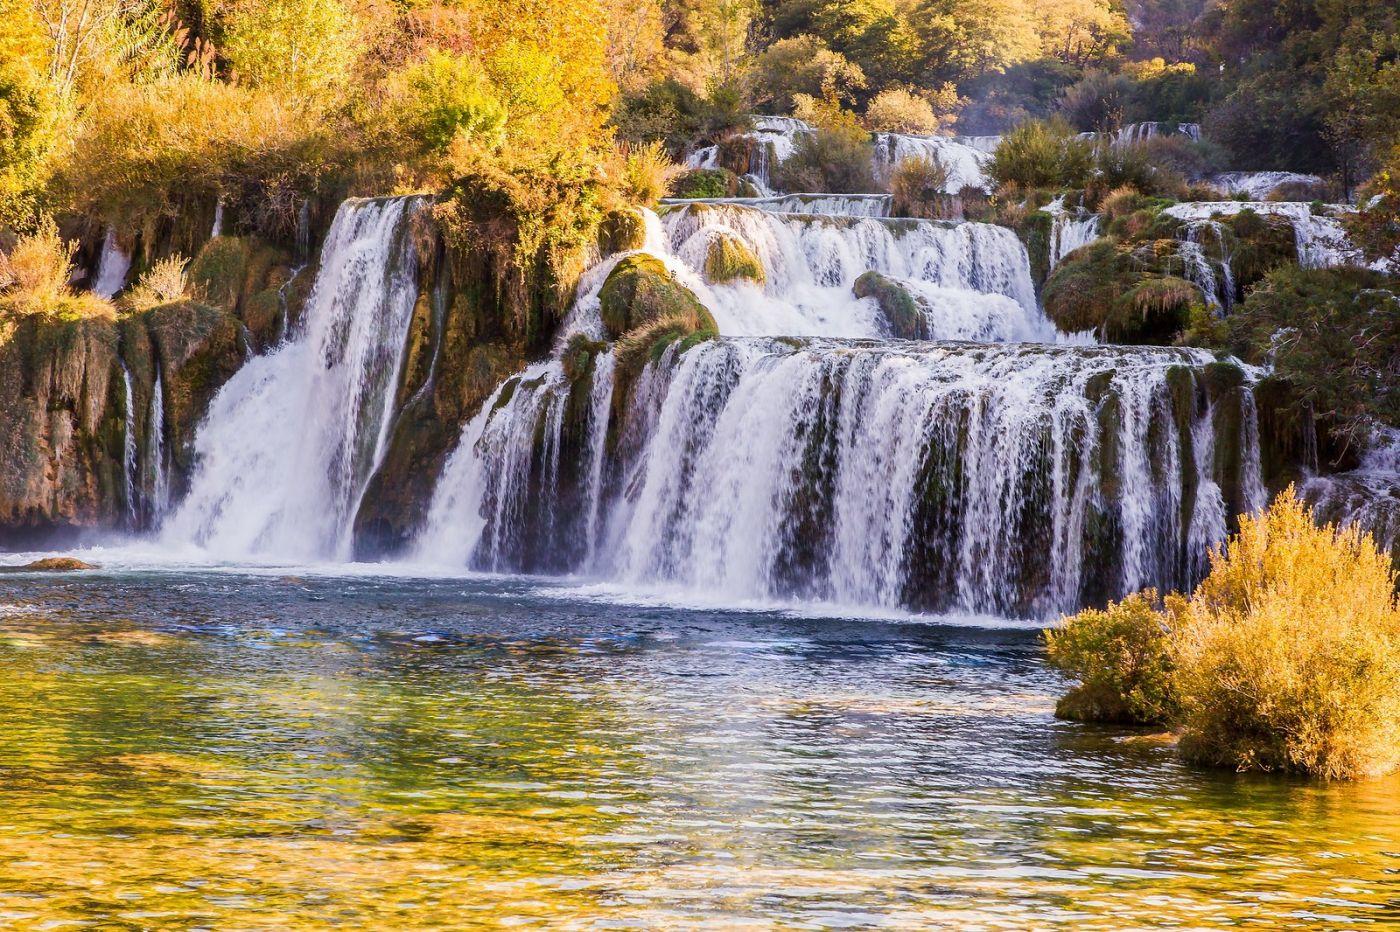 克罗地亚克尔卡国家公园(Krka National Park),瀑布瀑布瀑布_图1-8